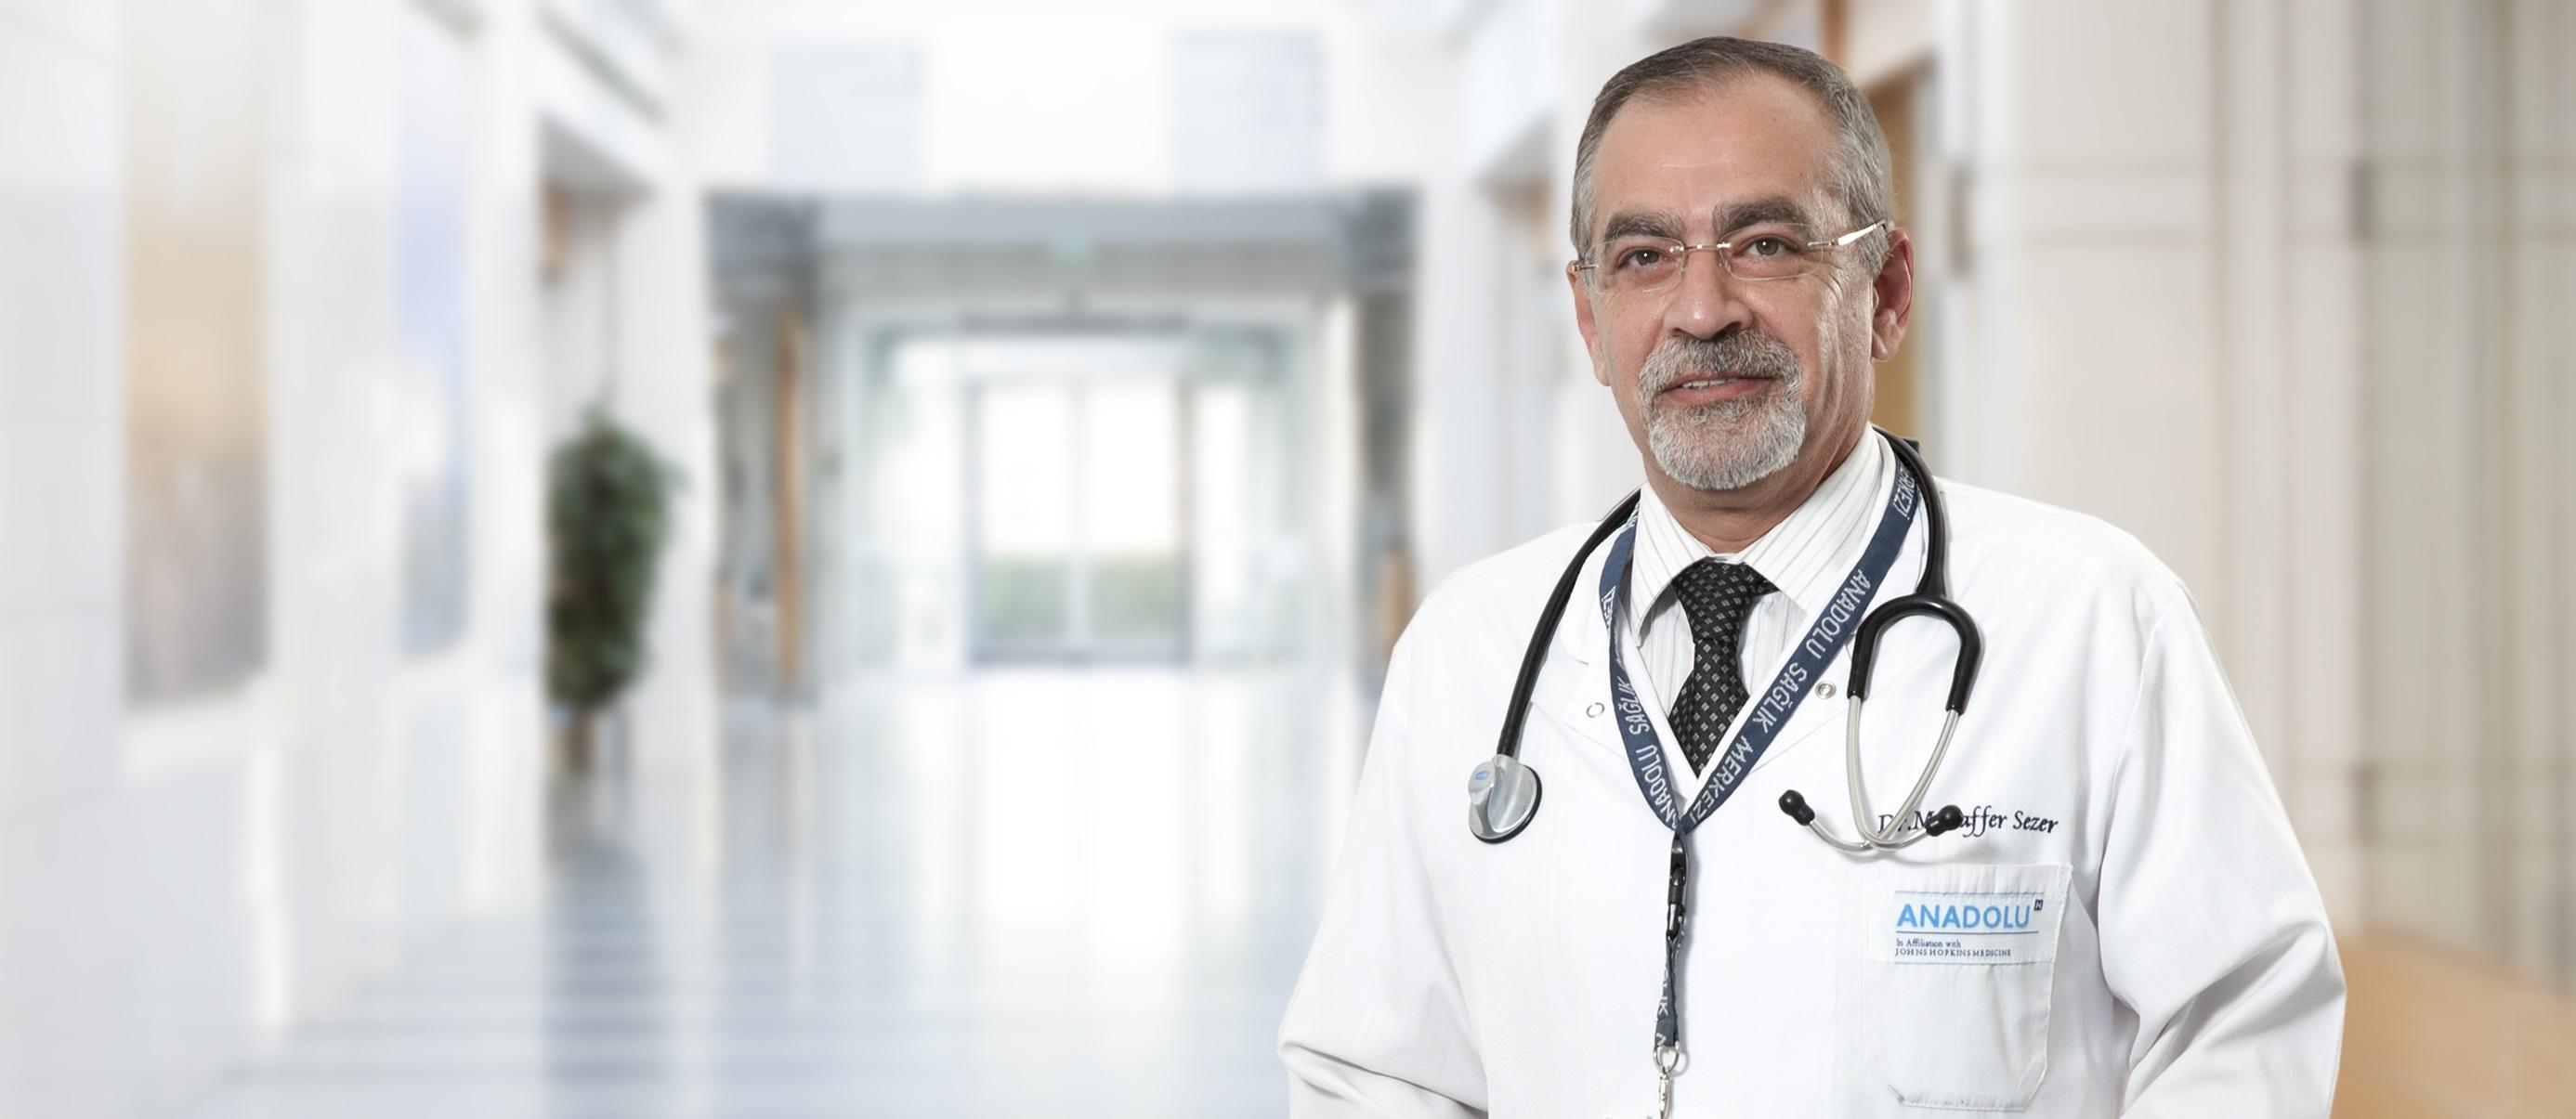 Музаффер Сезер — квалифицированная помощь в медицинском центре Anadolu